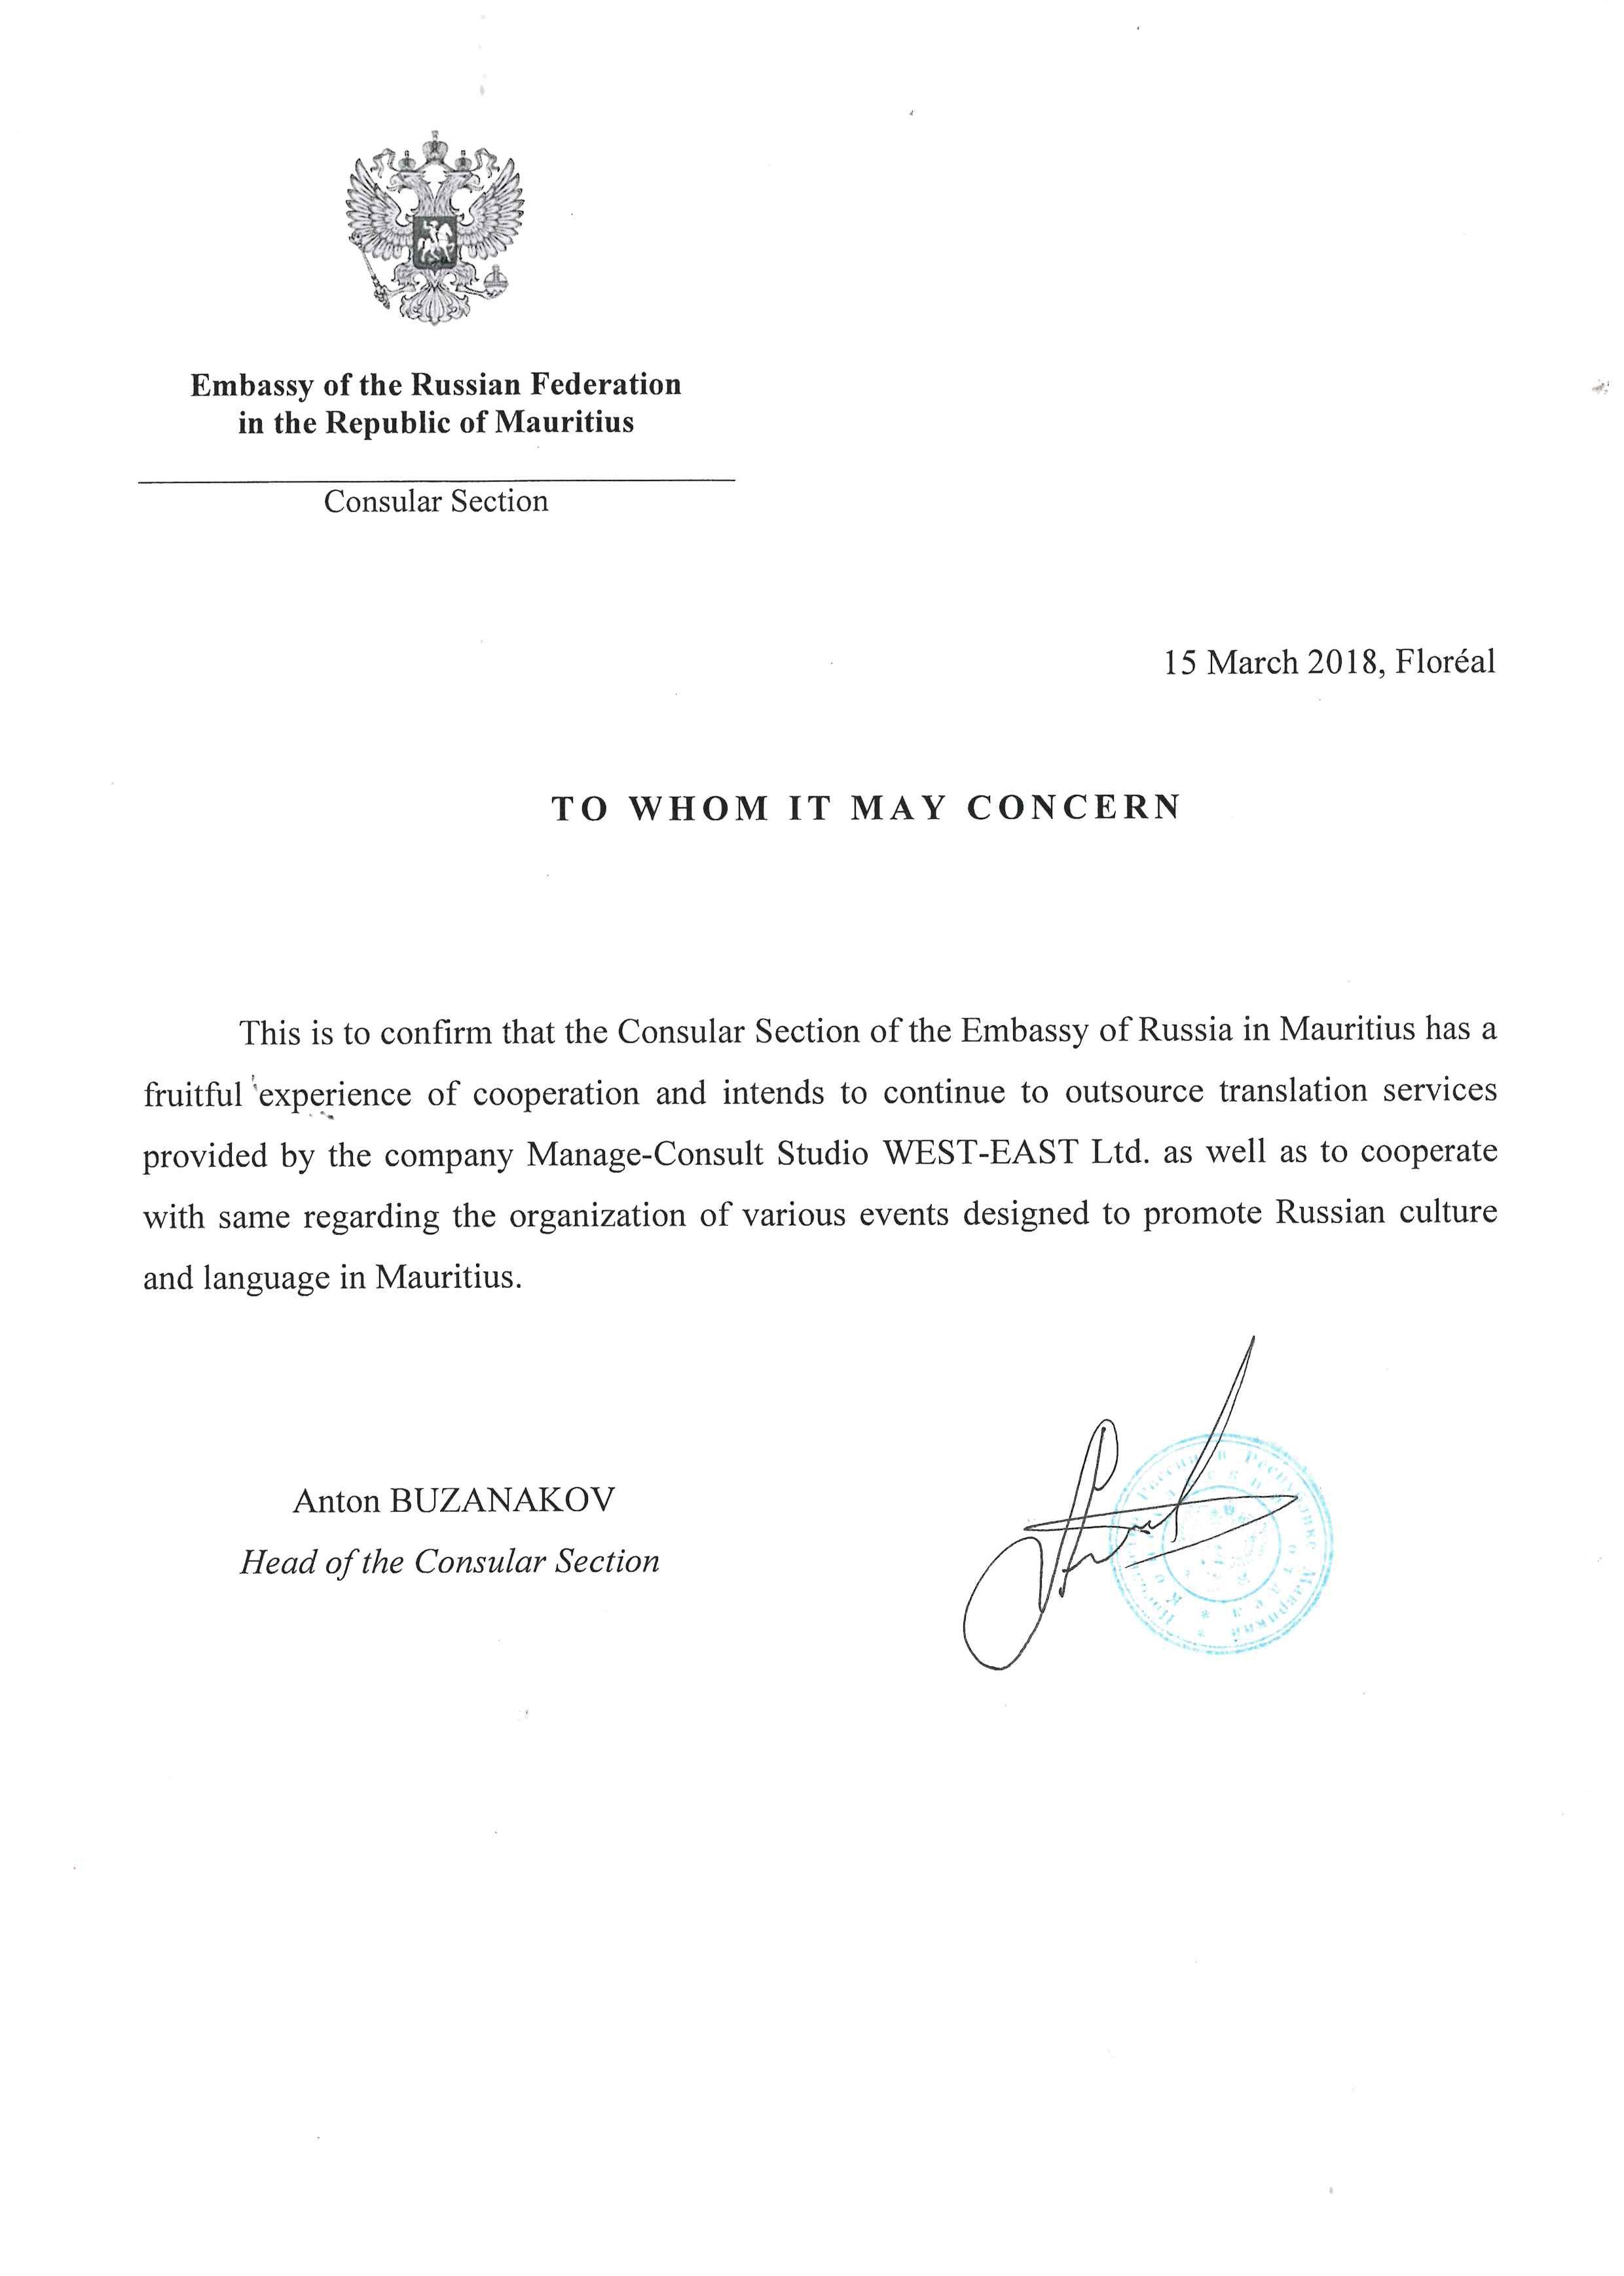 Отзыв Посольство РФ